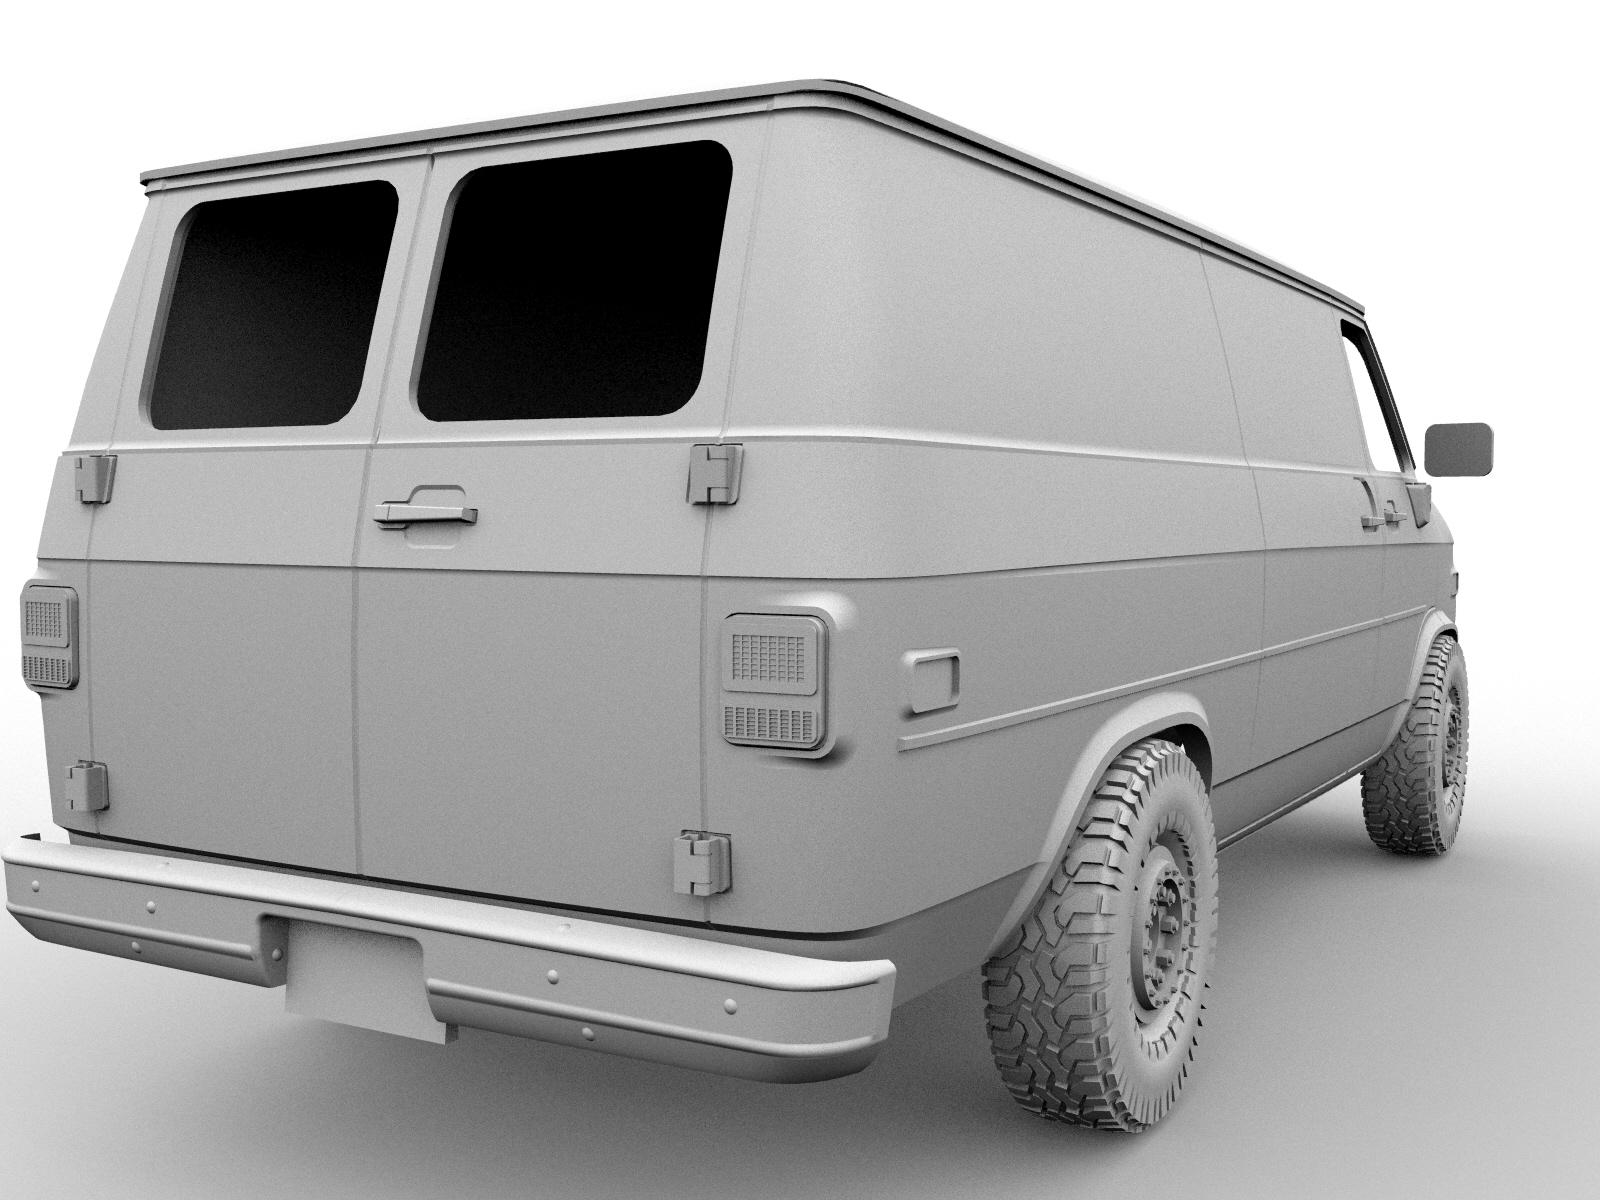 4567.jpg Descargar archivo STL CHEVY VAN G20 RC BODY SCALER AXIAL MST TRX4 RC4WD • Modelo para imprimir en 3D, ilyakapitonov